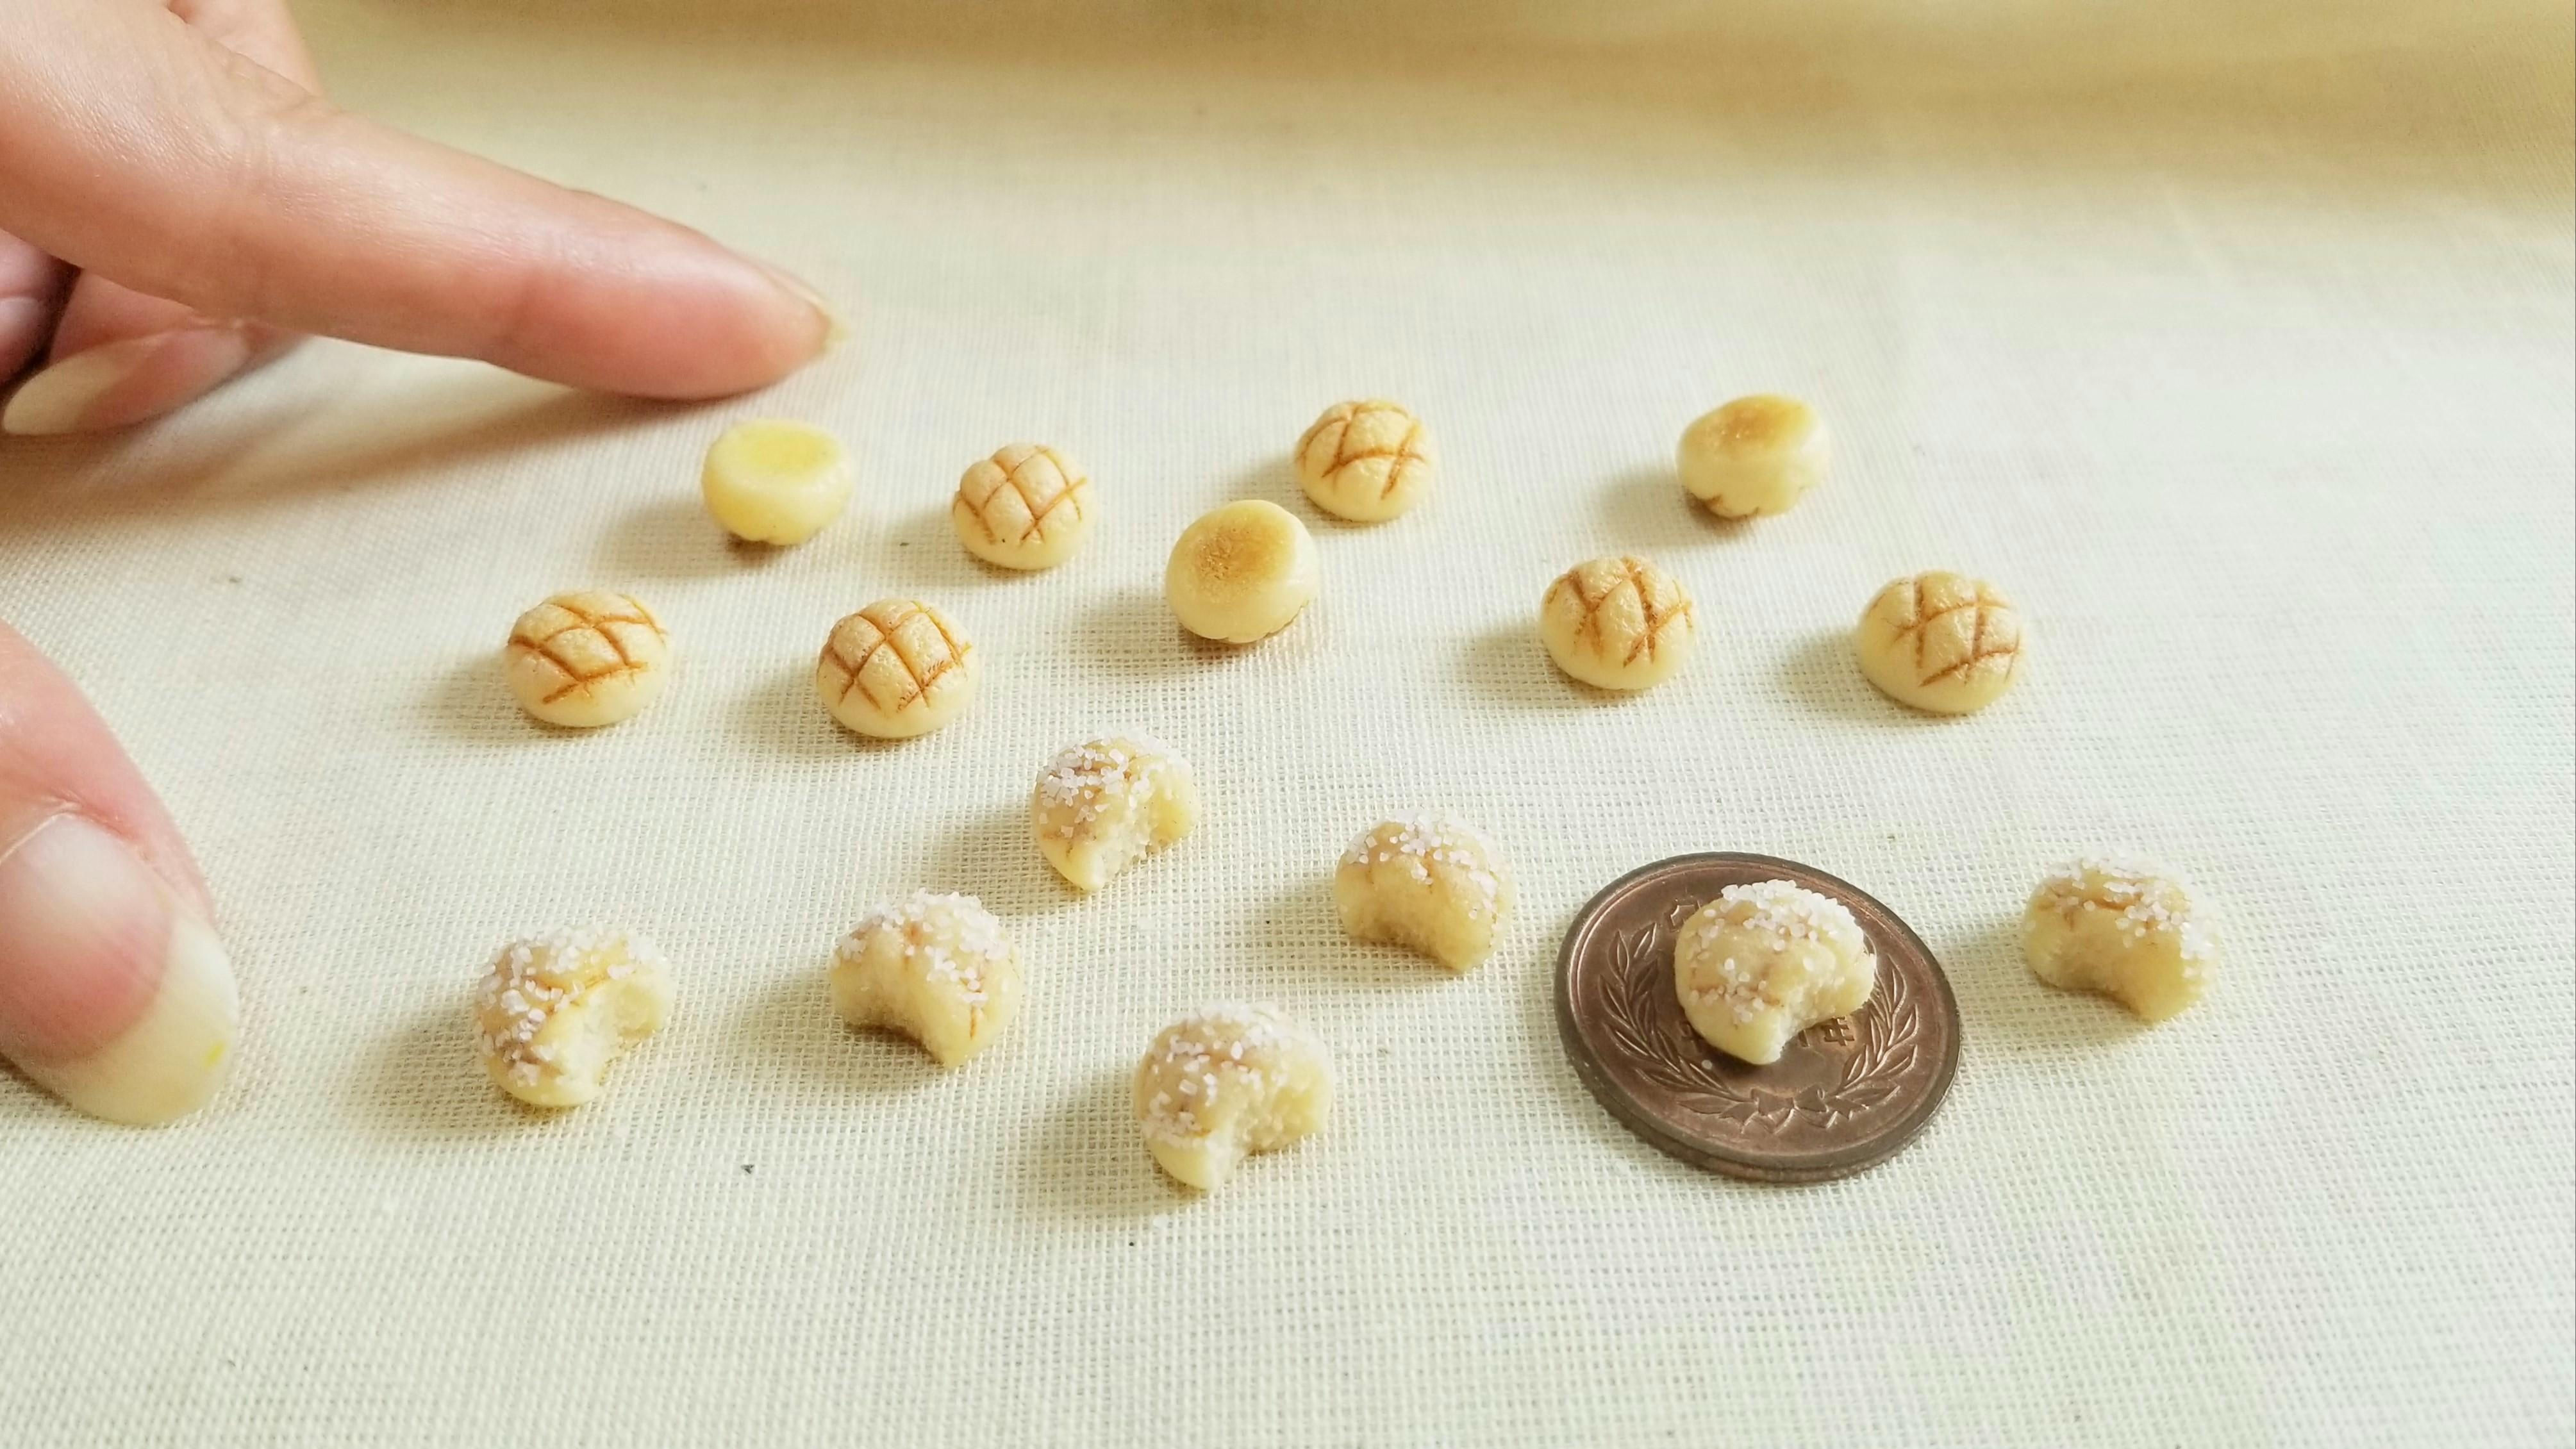 小さな世界ミニチュアのかわいい小物指先サイズ楽しいおすすめブログ